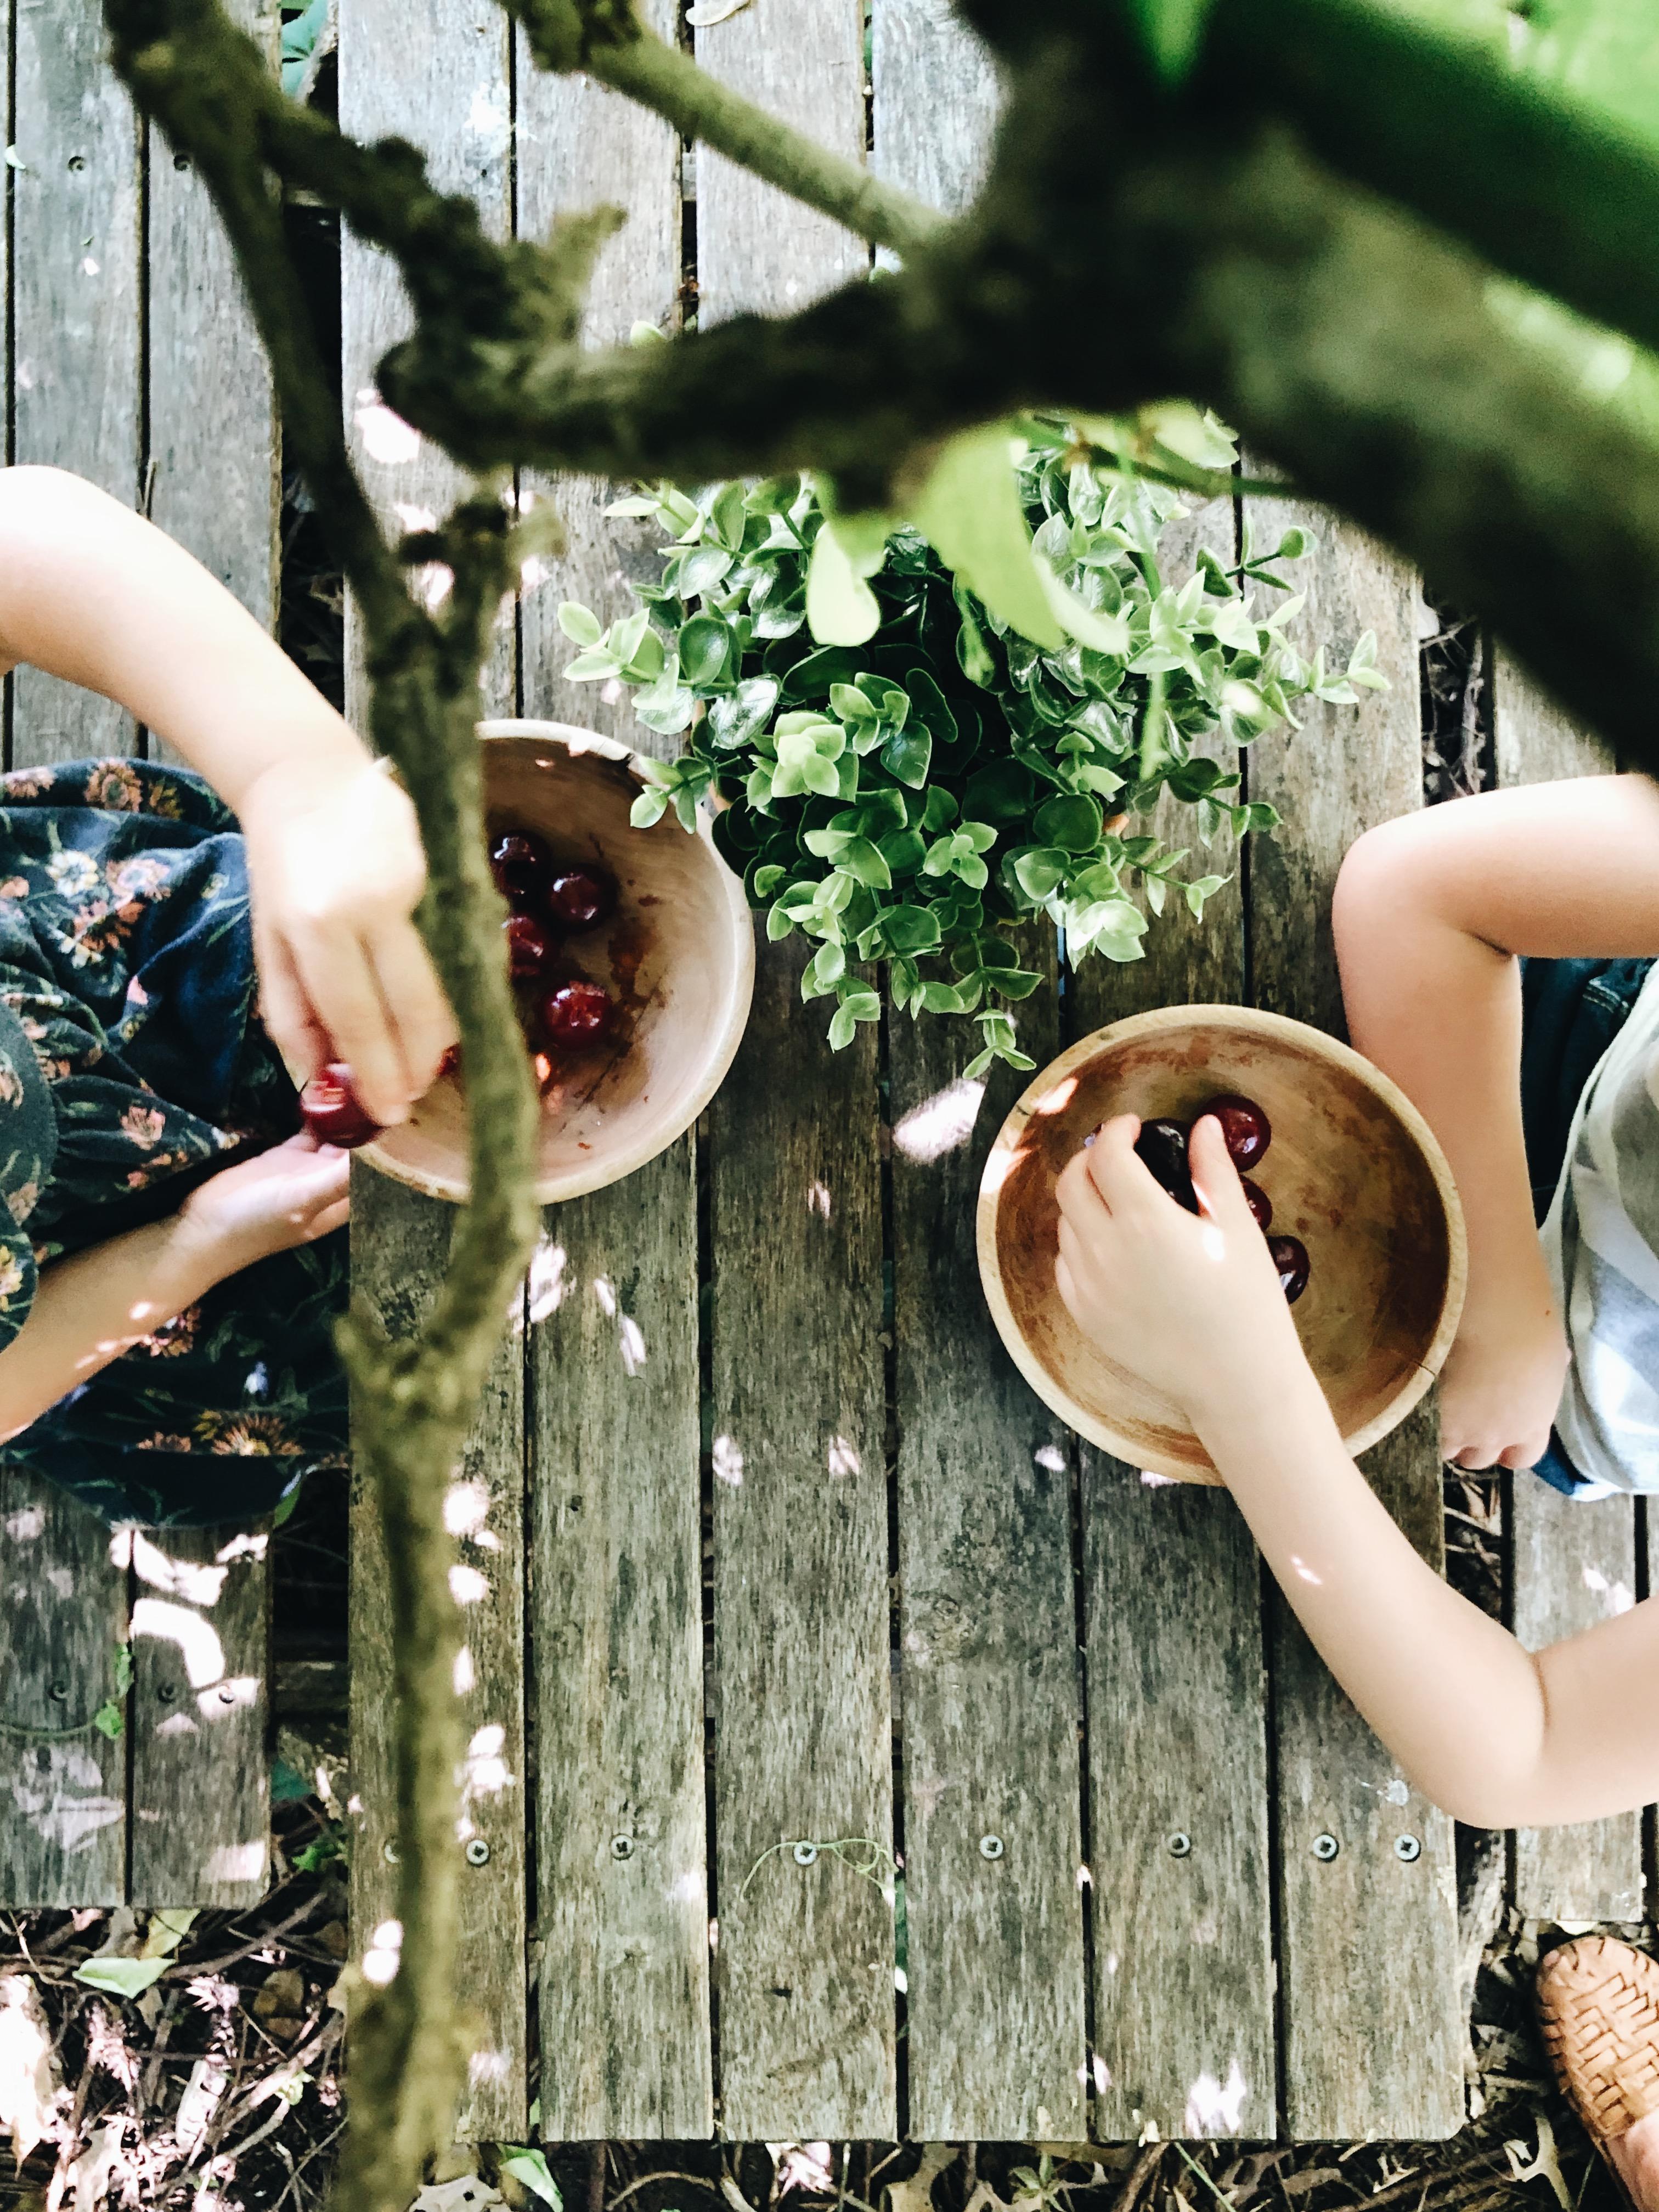 hands in cherries